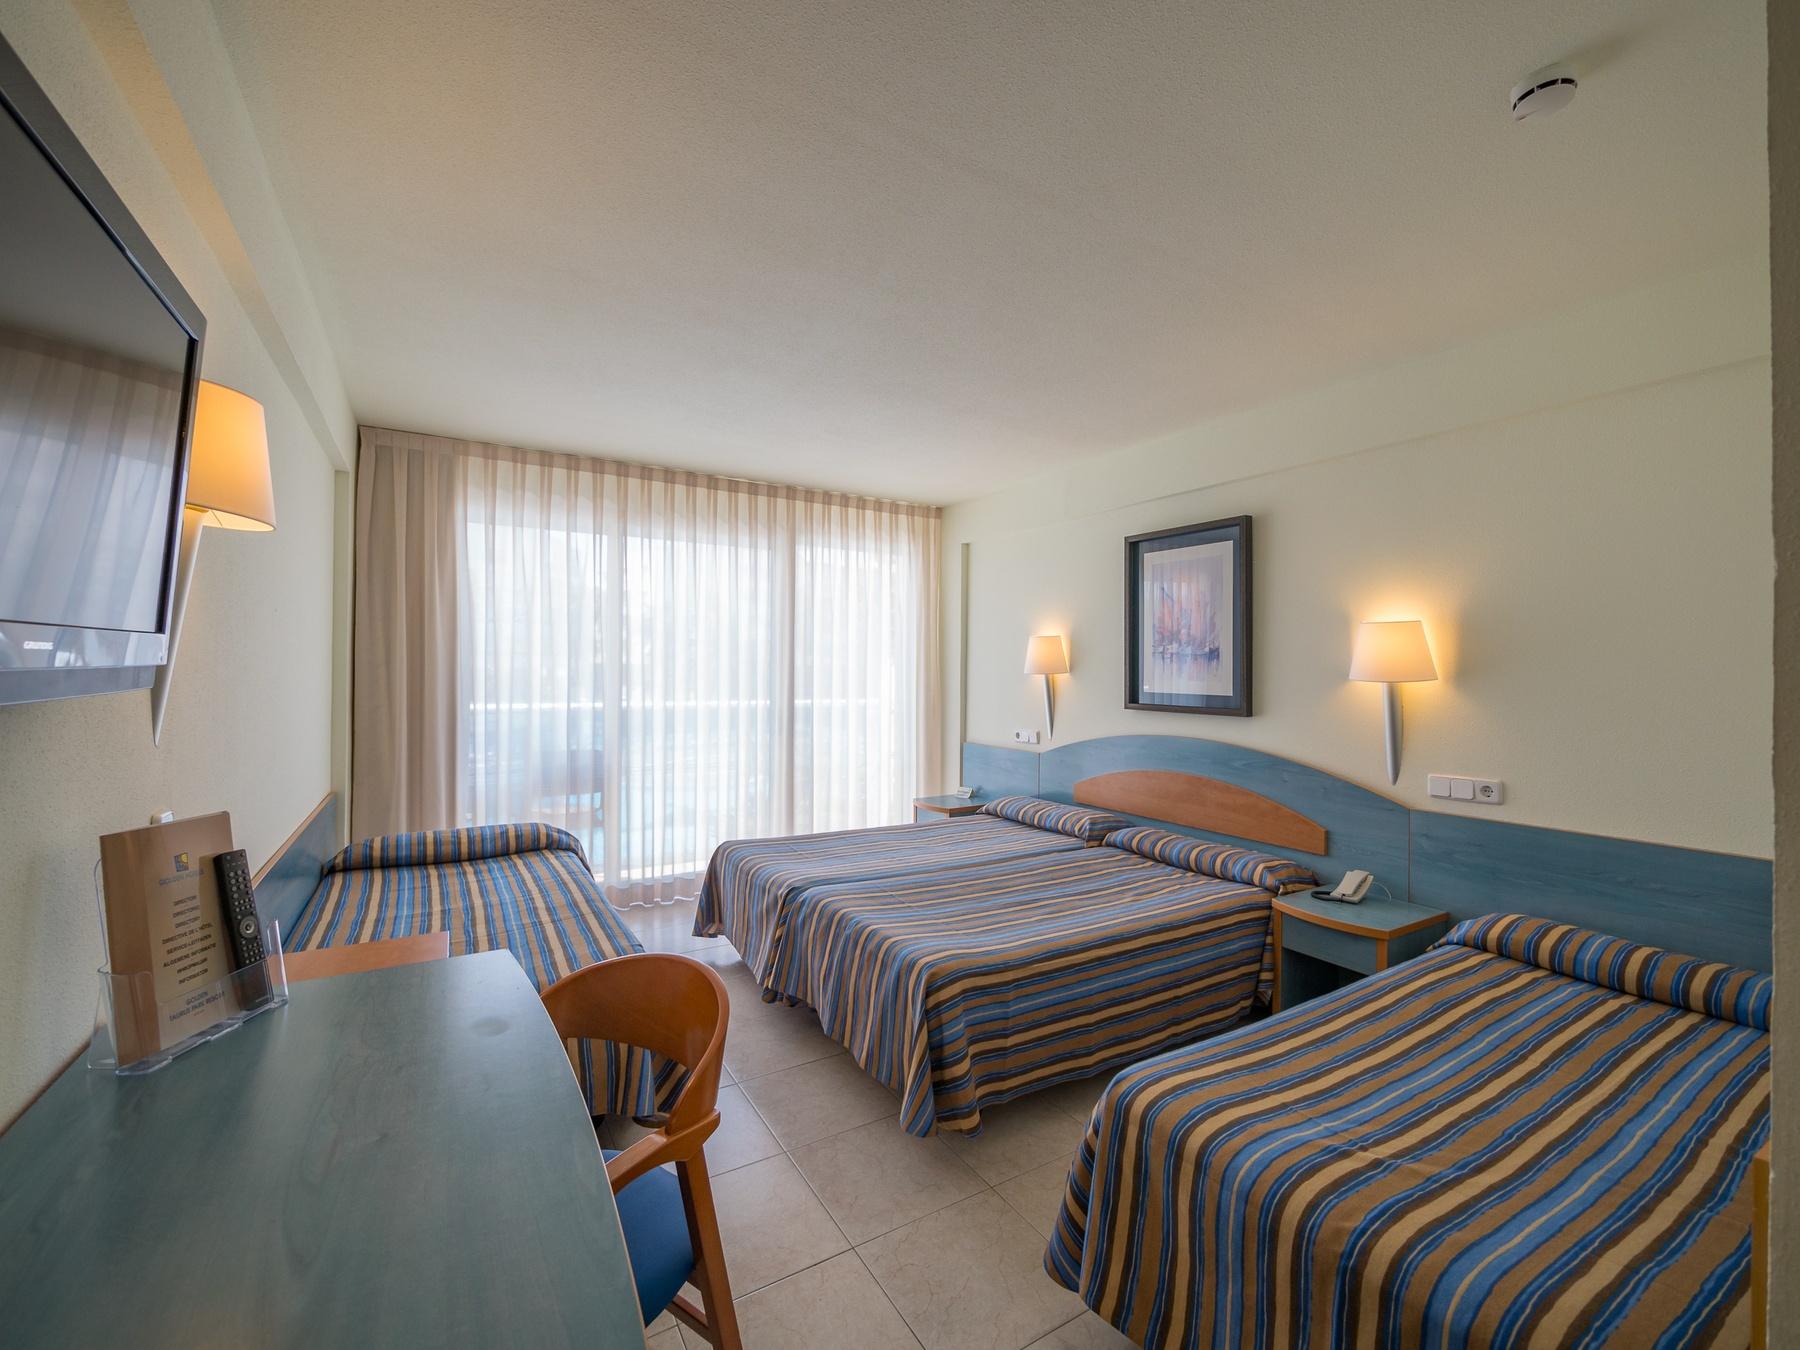 Hotel de playa con habitaciones familiares en la costa de for Habitacion familiar en zaragoza